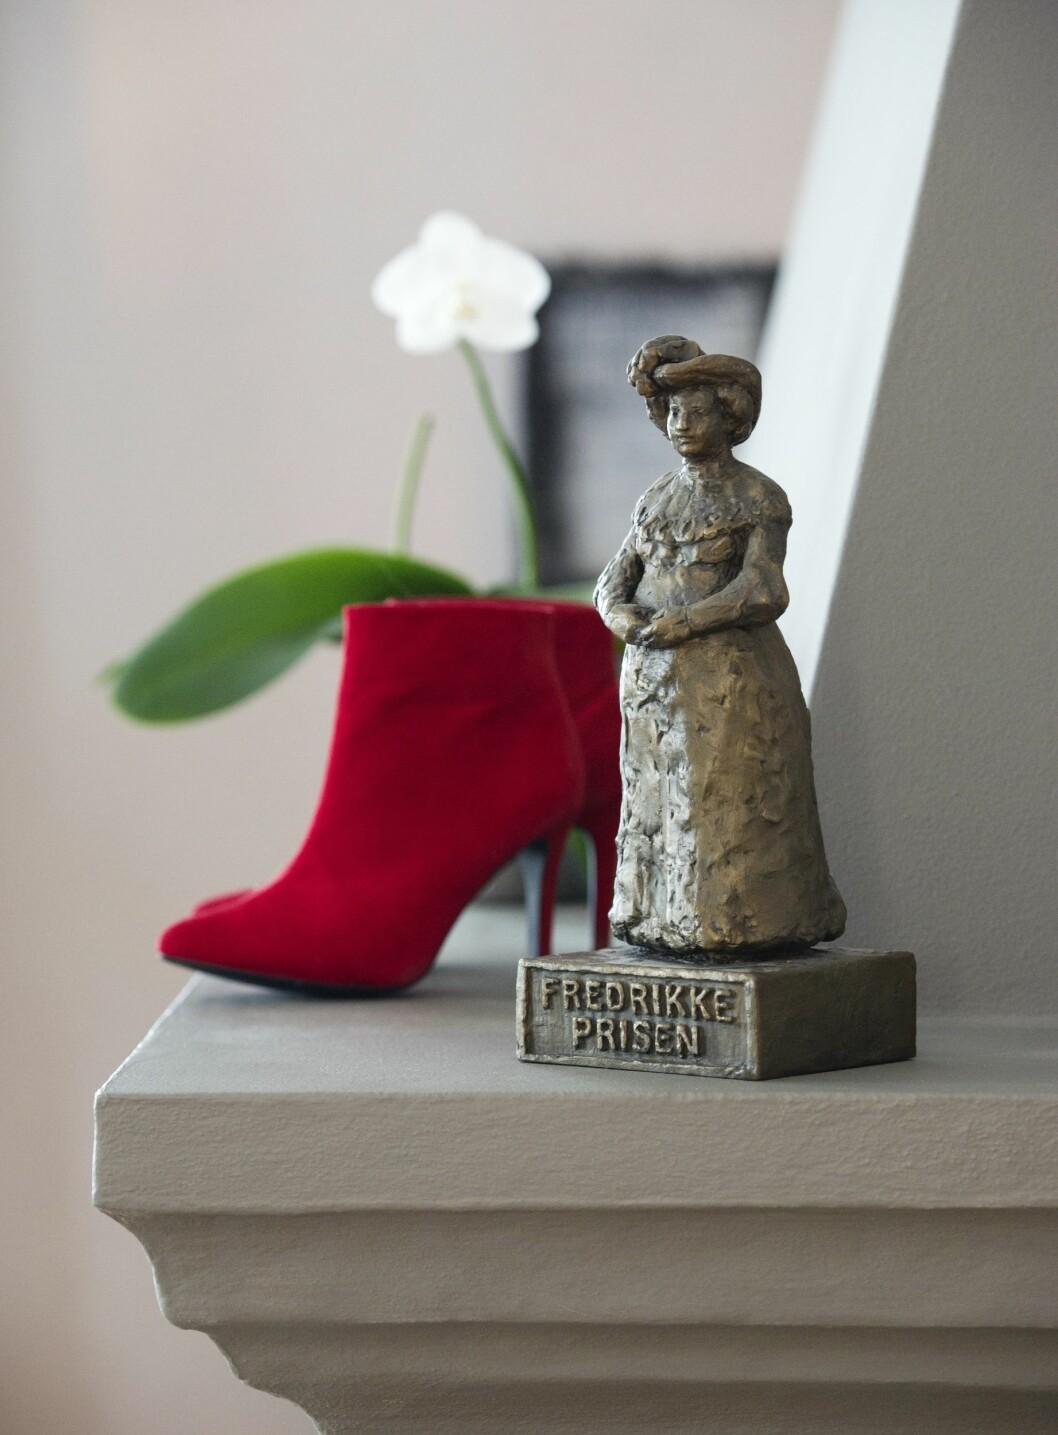 FIKK PRIS: I 2012 fikk Anne Grethe Fredrikkeprisen fra Norske Kvinners Sanitetsforening. Den står på peishylla sammen med et par røde skoletter.